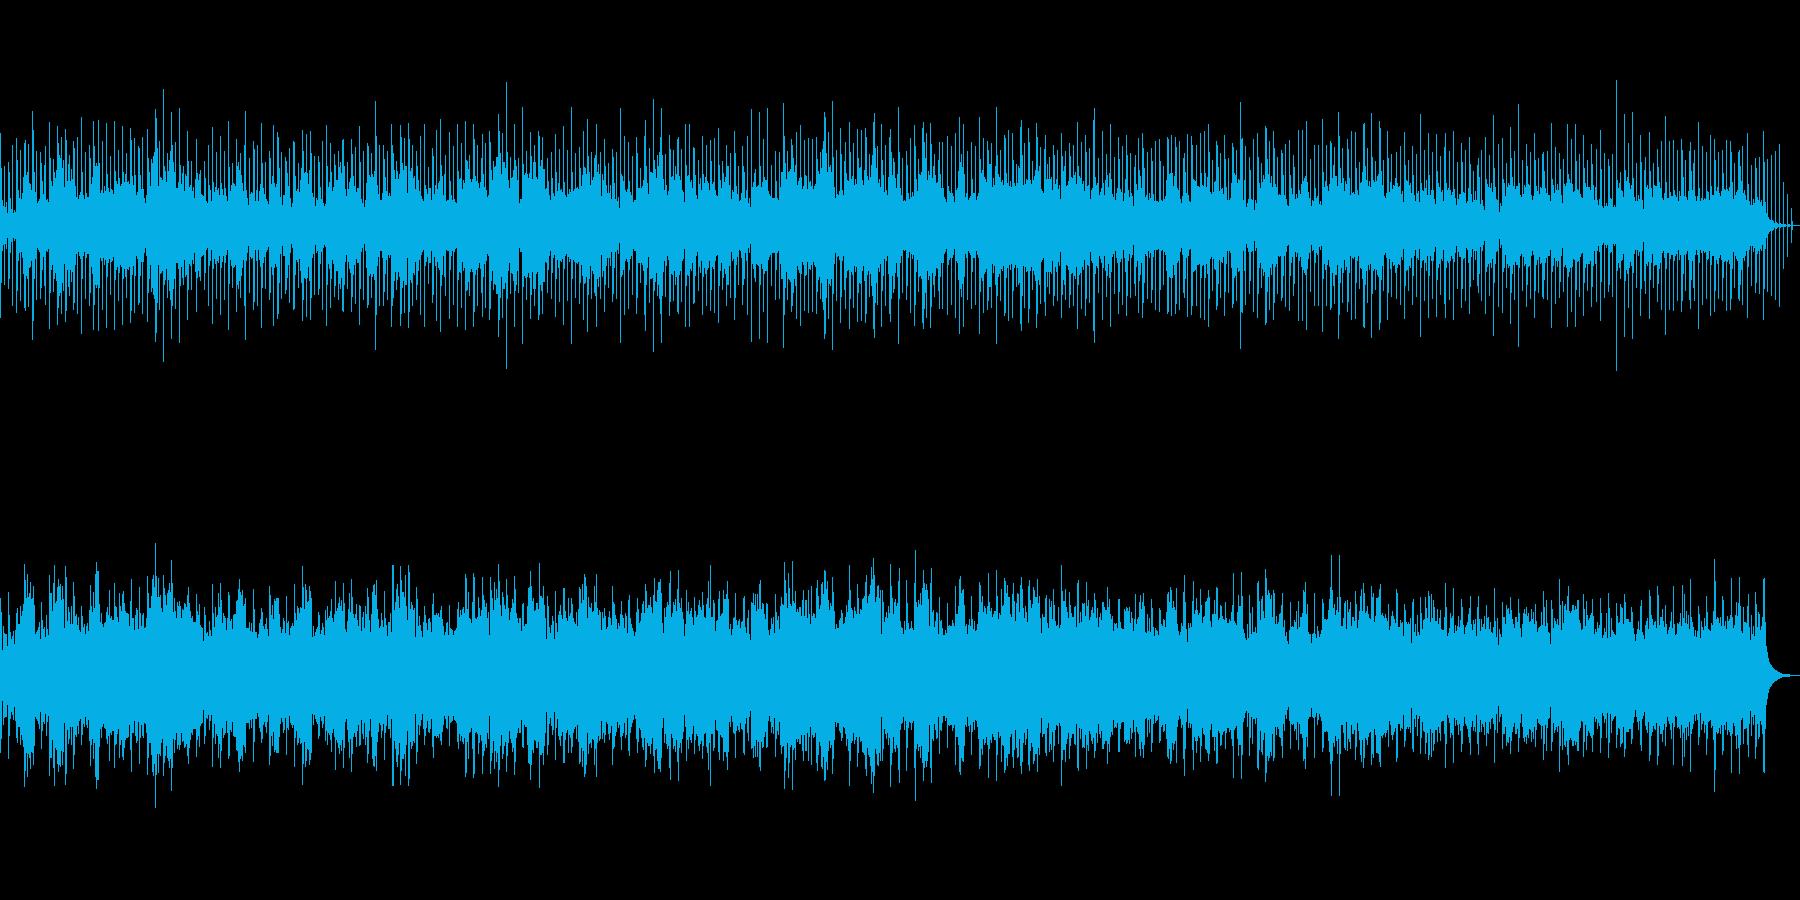 さわやかなフルートとギターのBGMの再生済みの波形